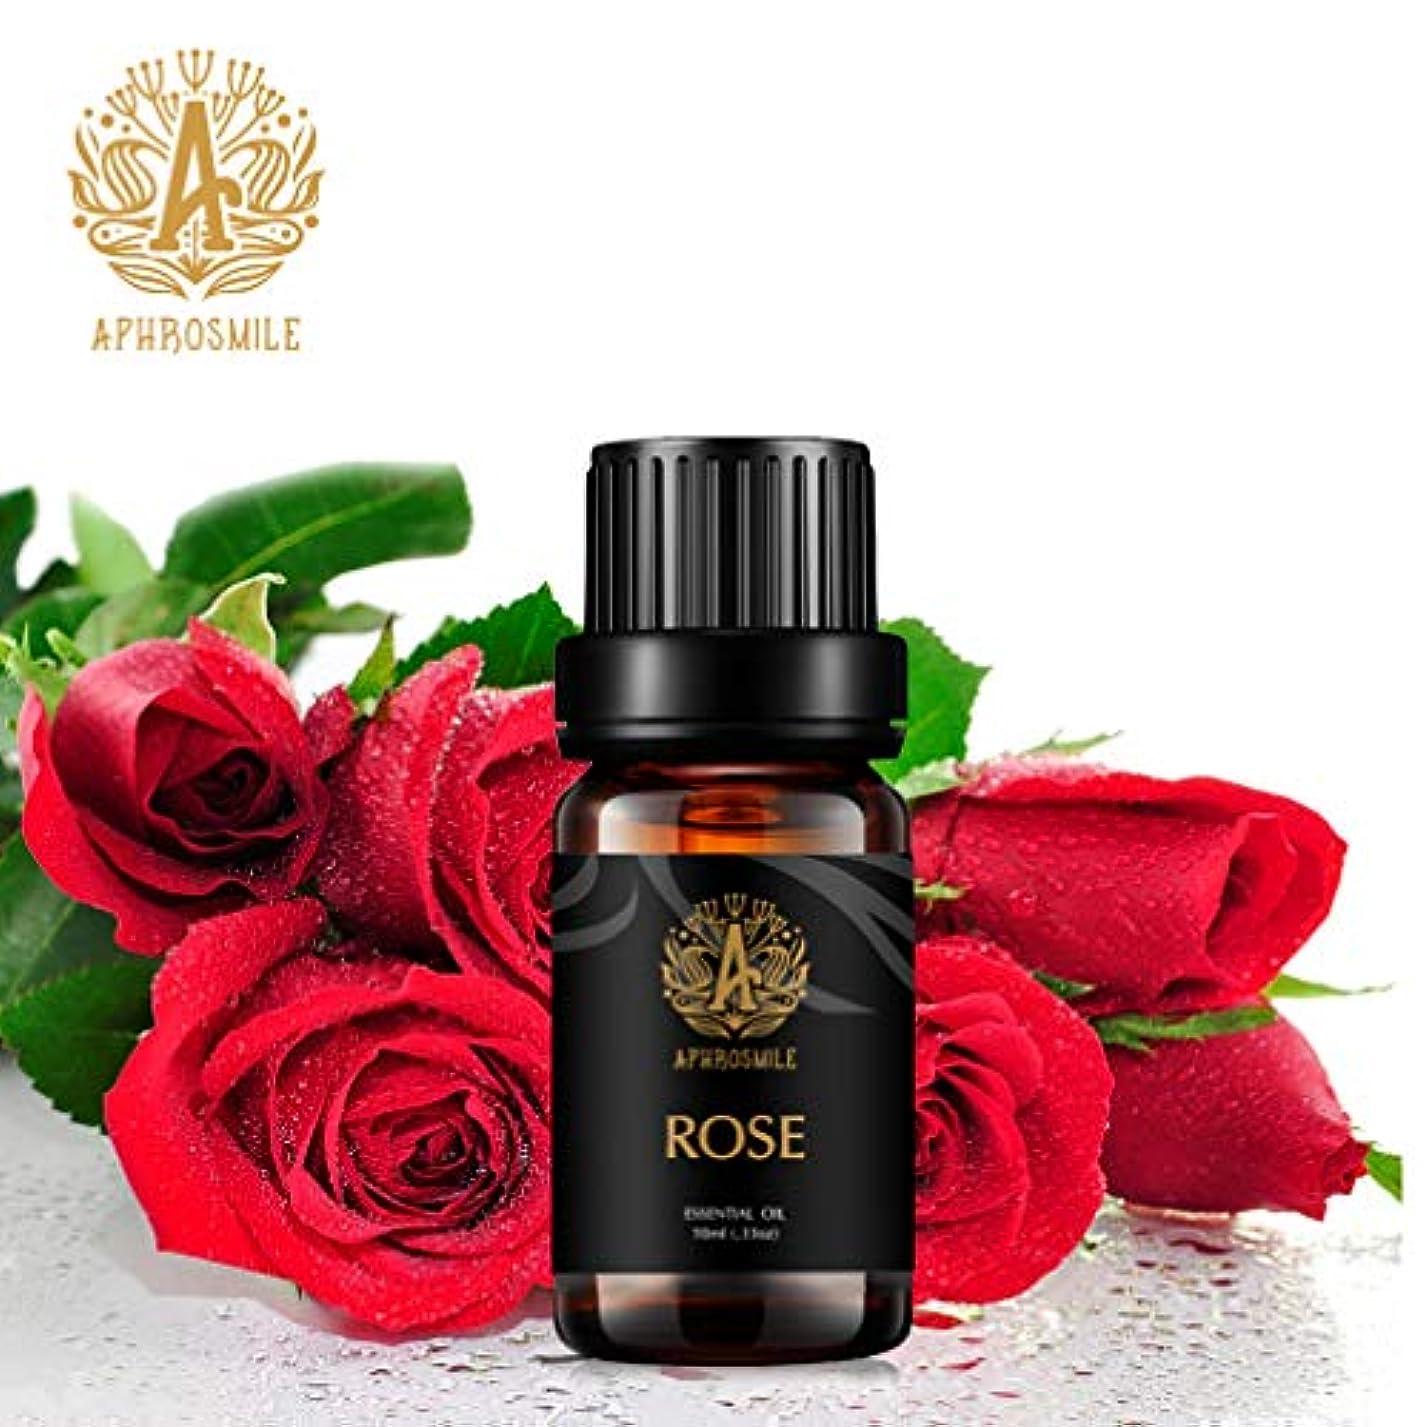 桁レビュー春ローズエッセンシャルオイル、100%ピュアアロマセラピーエッセンシャルオイルローズの香り、肌に栄養を与え、治療用グレードエッセンシャルオイルローズの香り、為にディフューザー、マッサージ、加湿器、デイリーケア、0.33オンス...